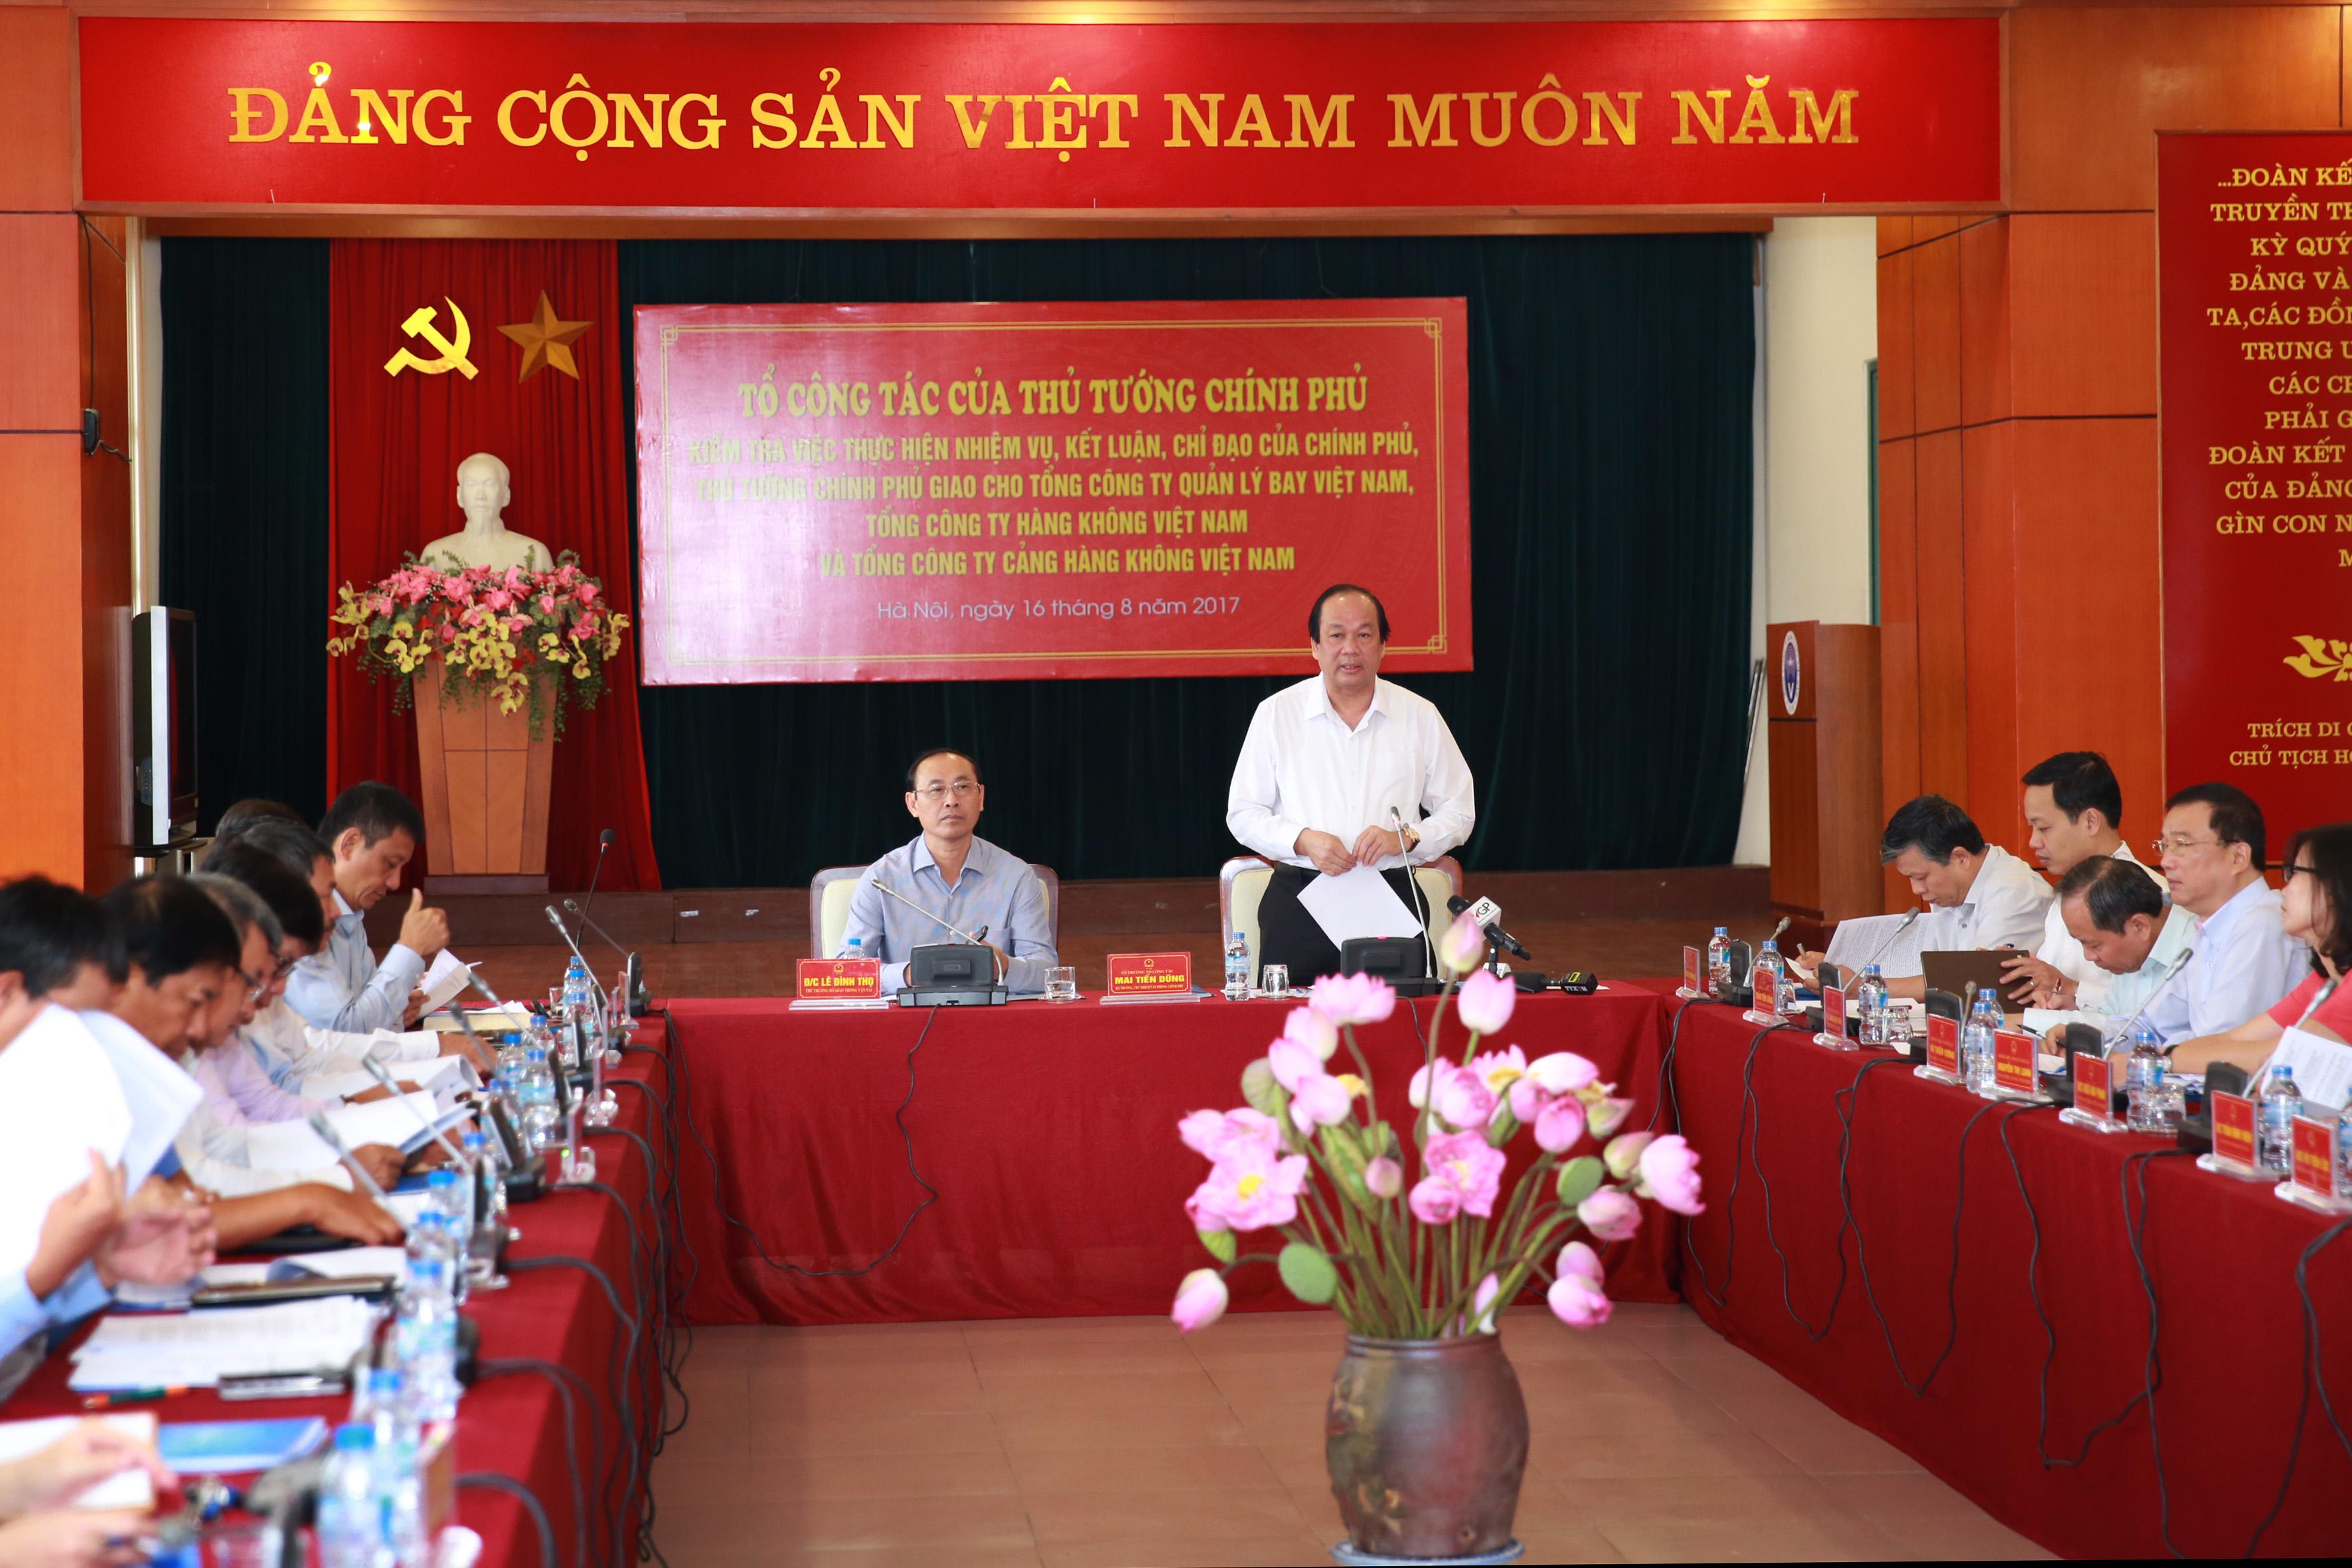 VATM đã hoàn thành 30/31 nhiệm vụ do Chính phủ và Thủ tướng giao